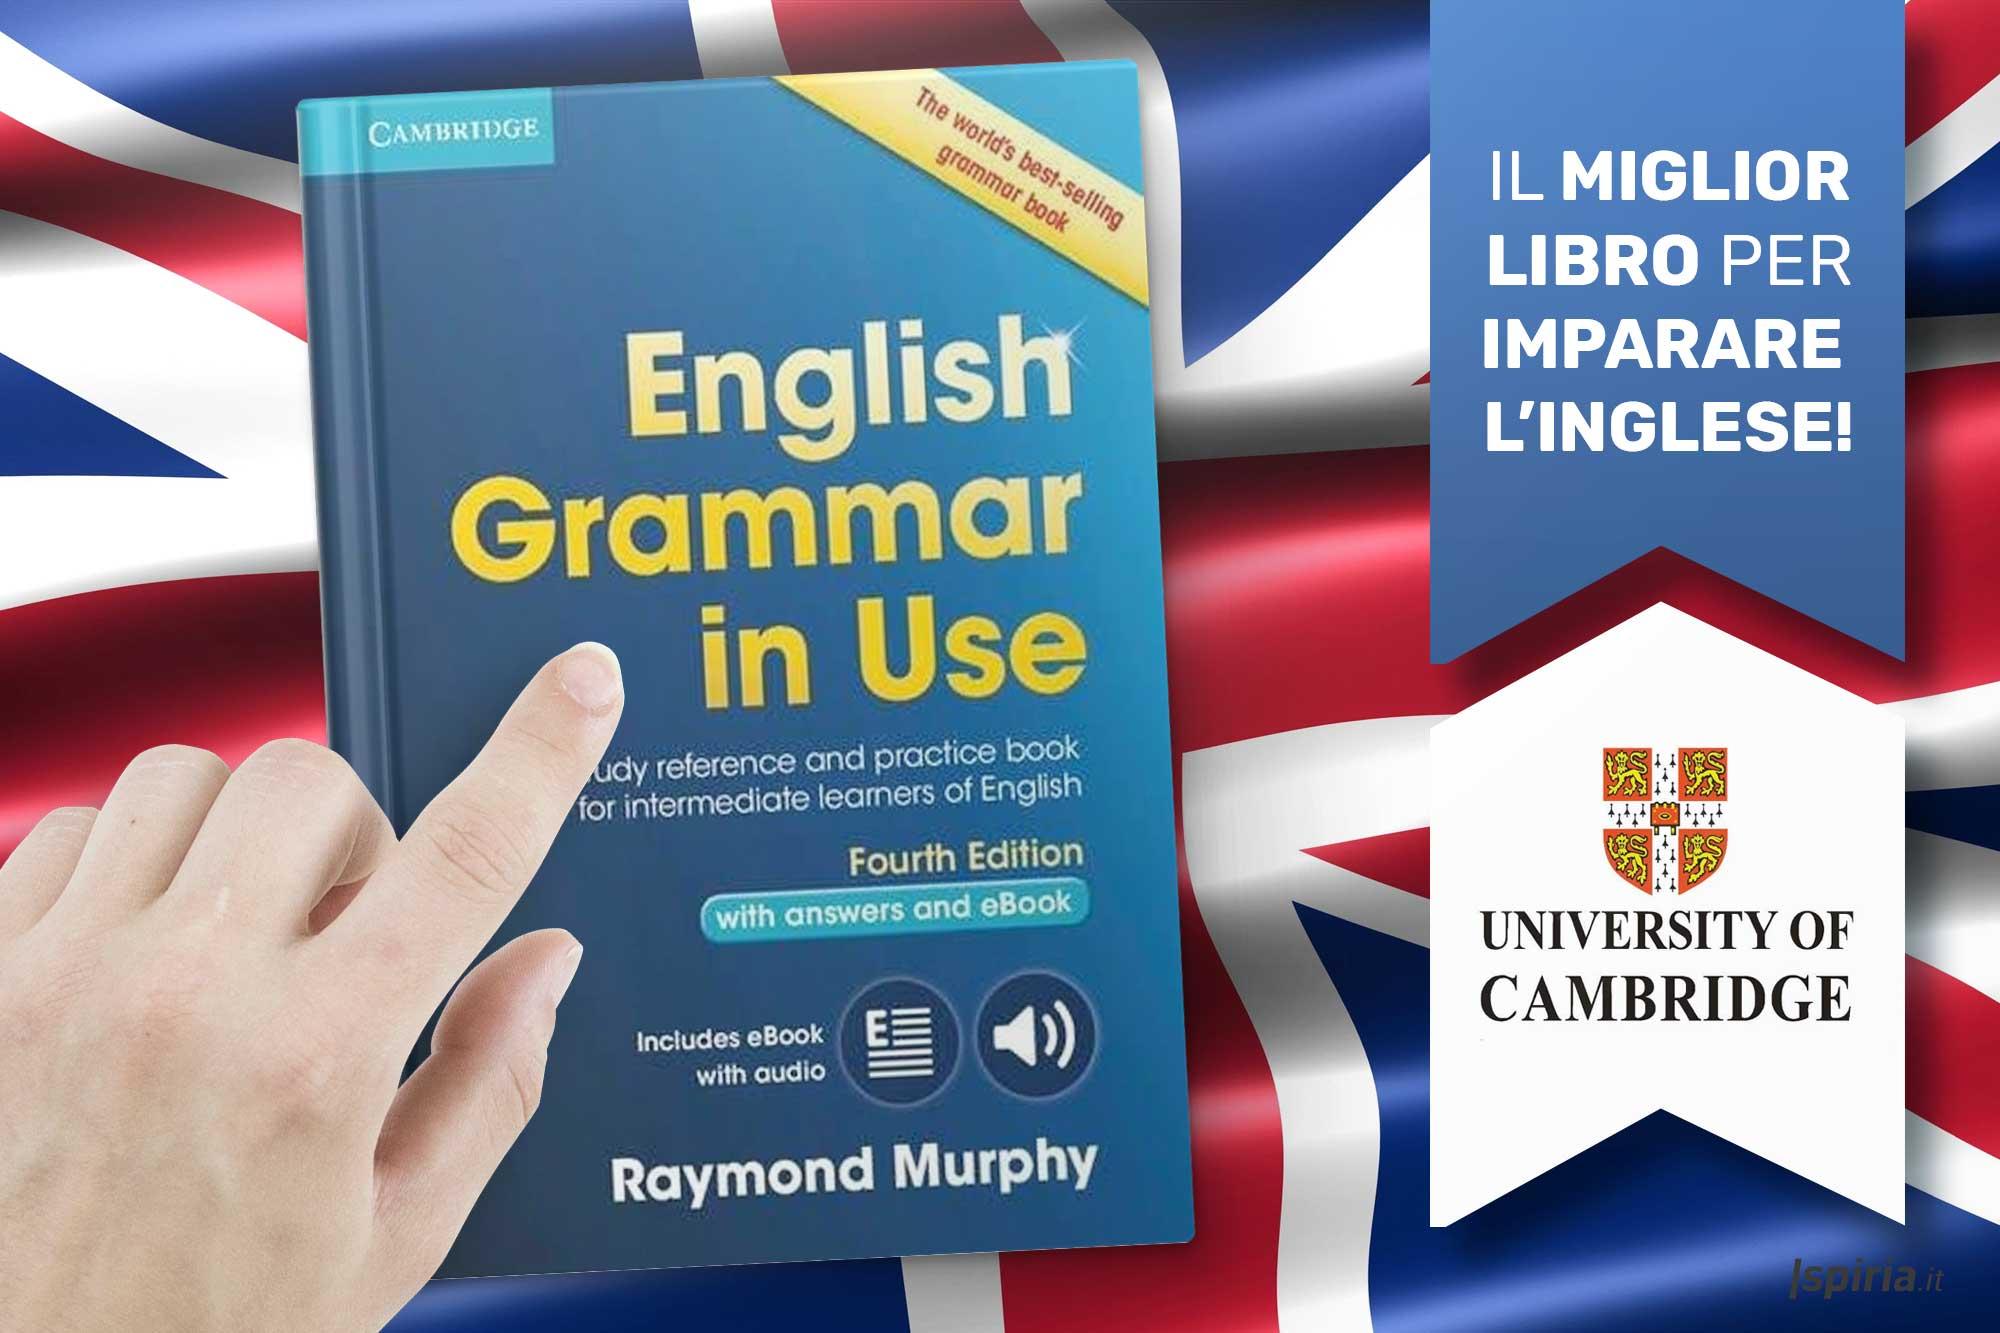 Migliori libri per imparare l'inglese   Migliore libro per studiare inglese